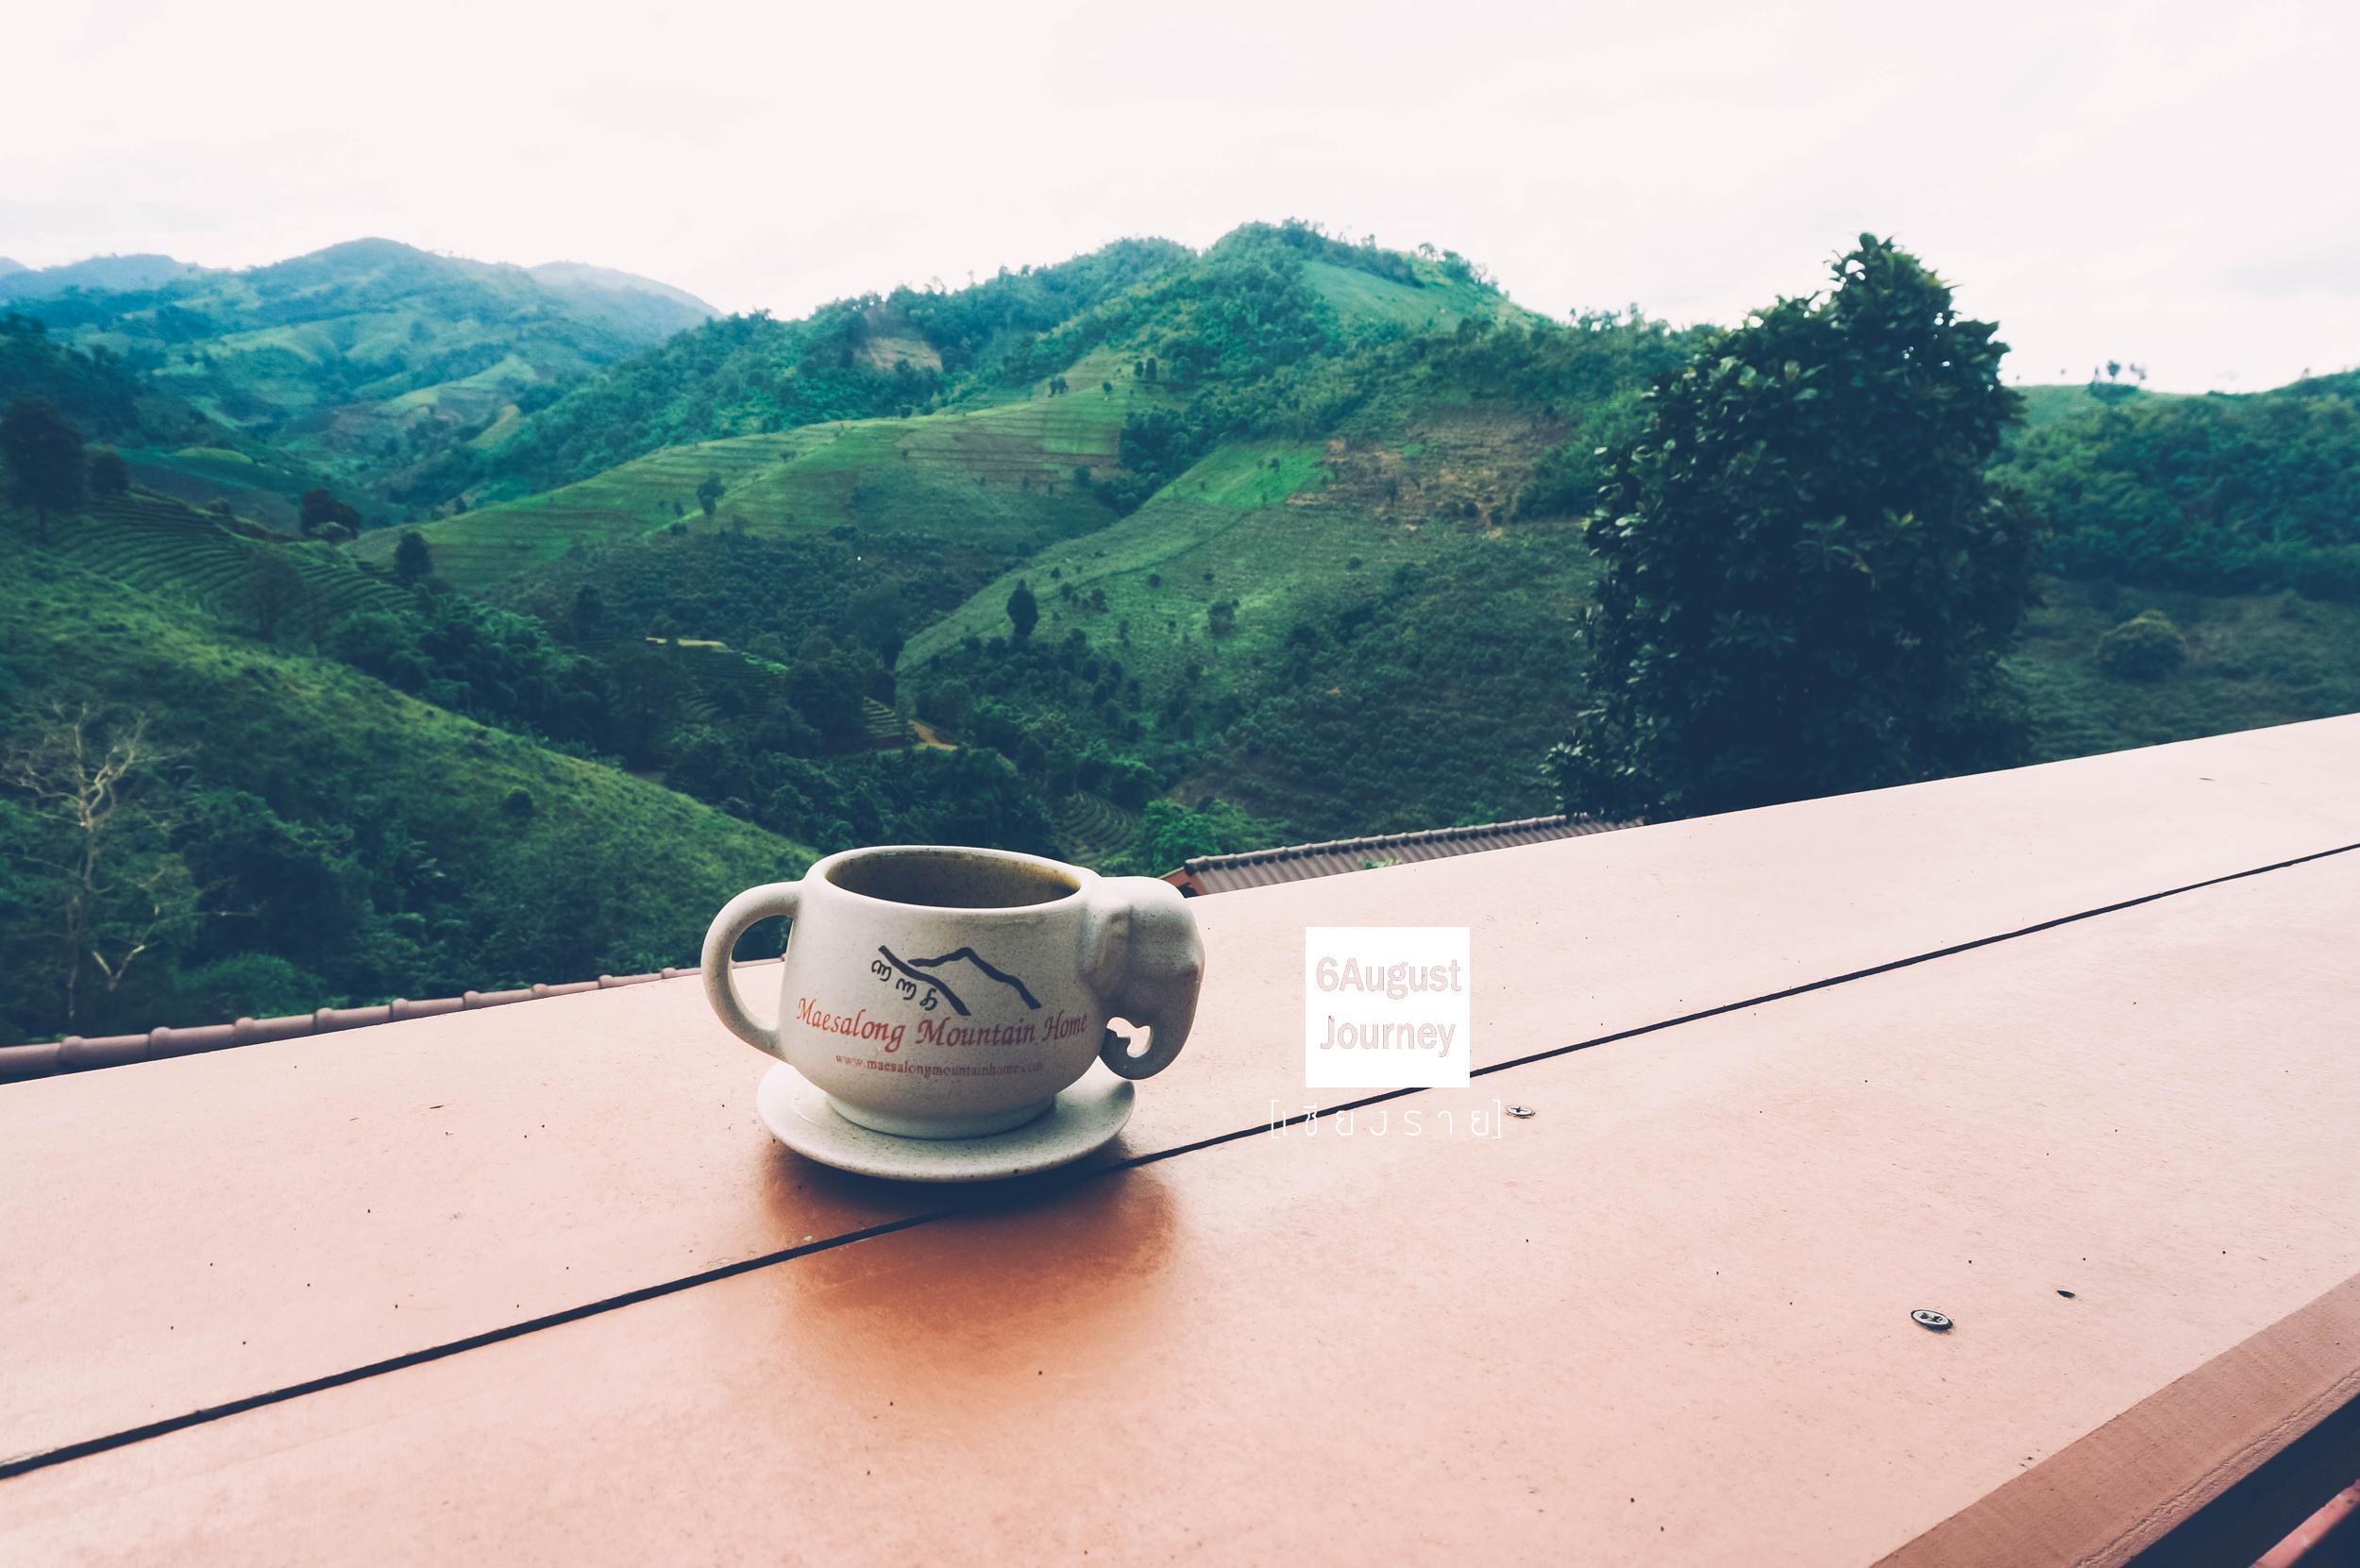 Welcome drink จิบชาร้อนๆ ท่ามกลางหุบเขา และ อุณหภูมิ 20 องศาในหน้าฝน